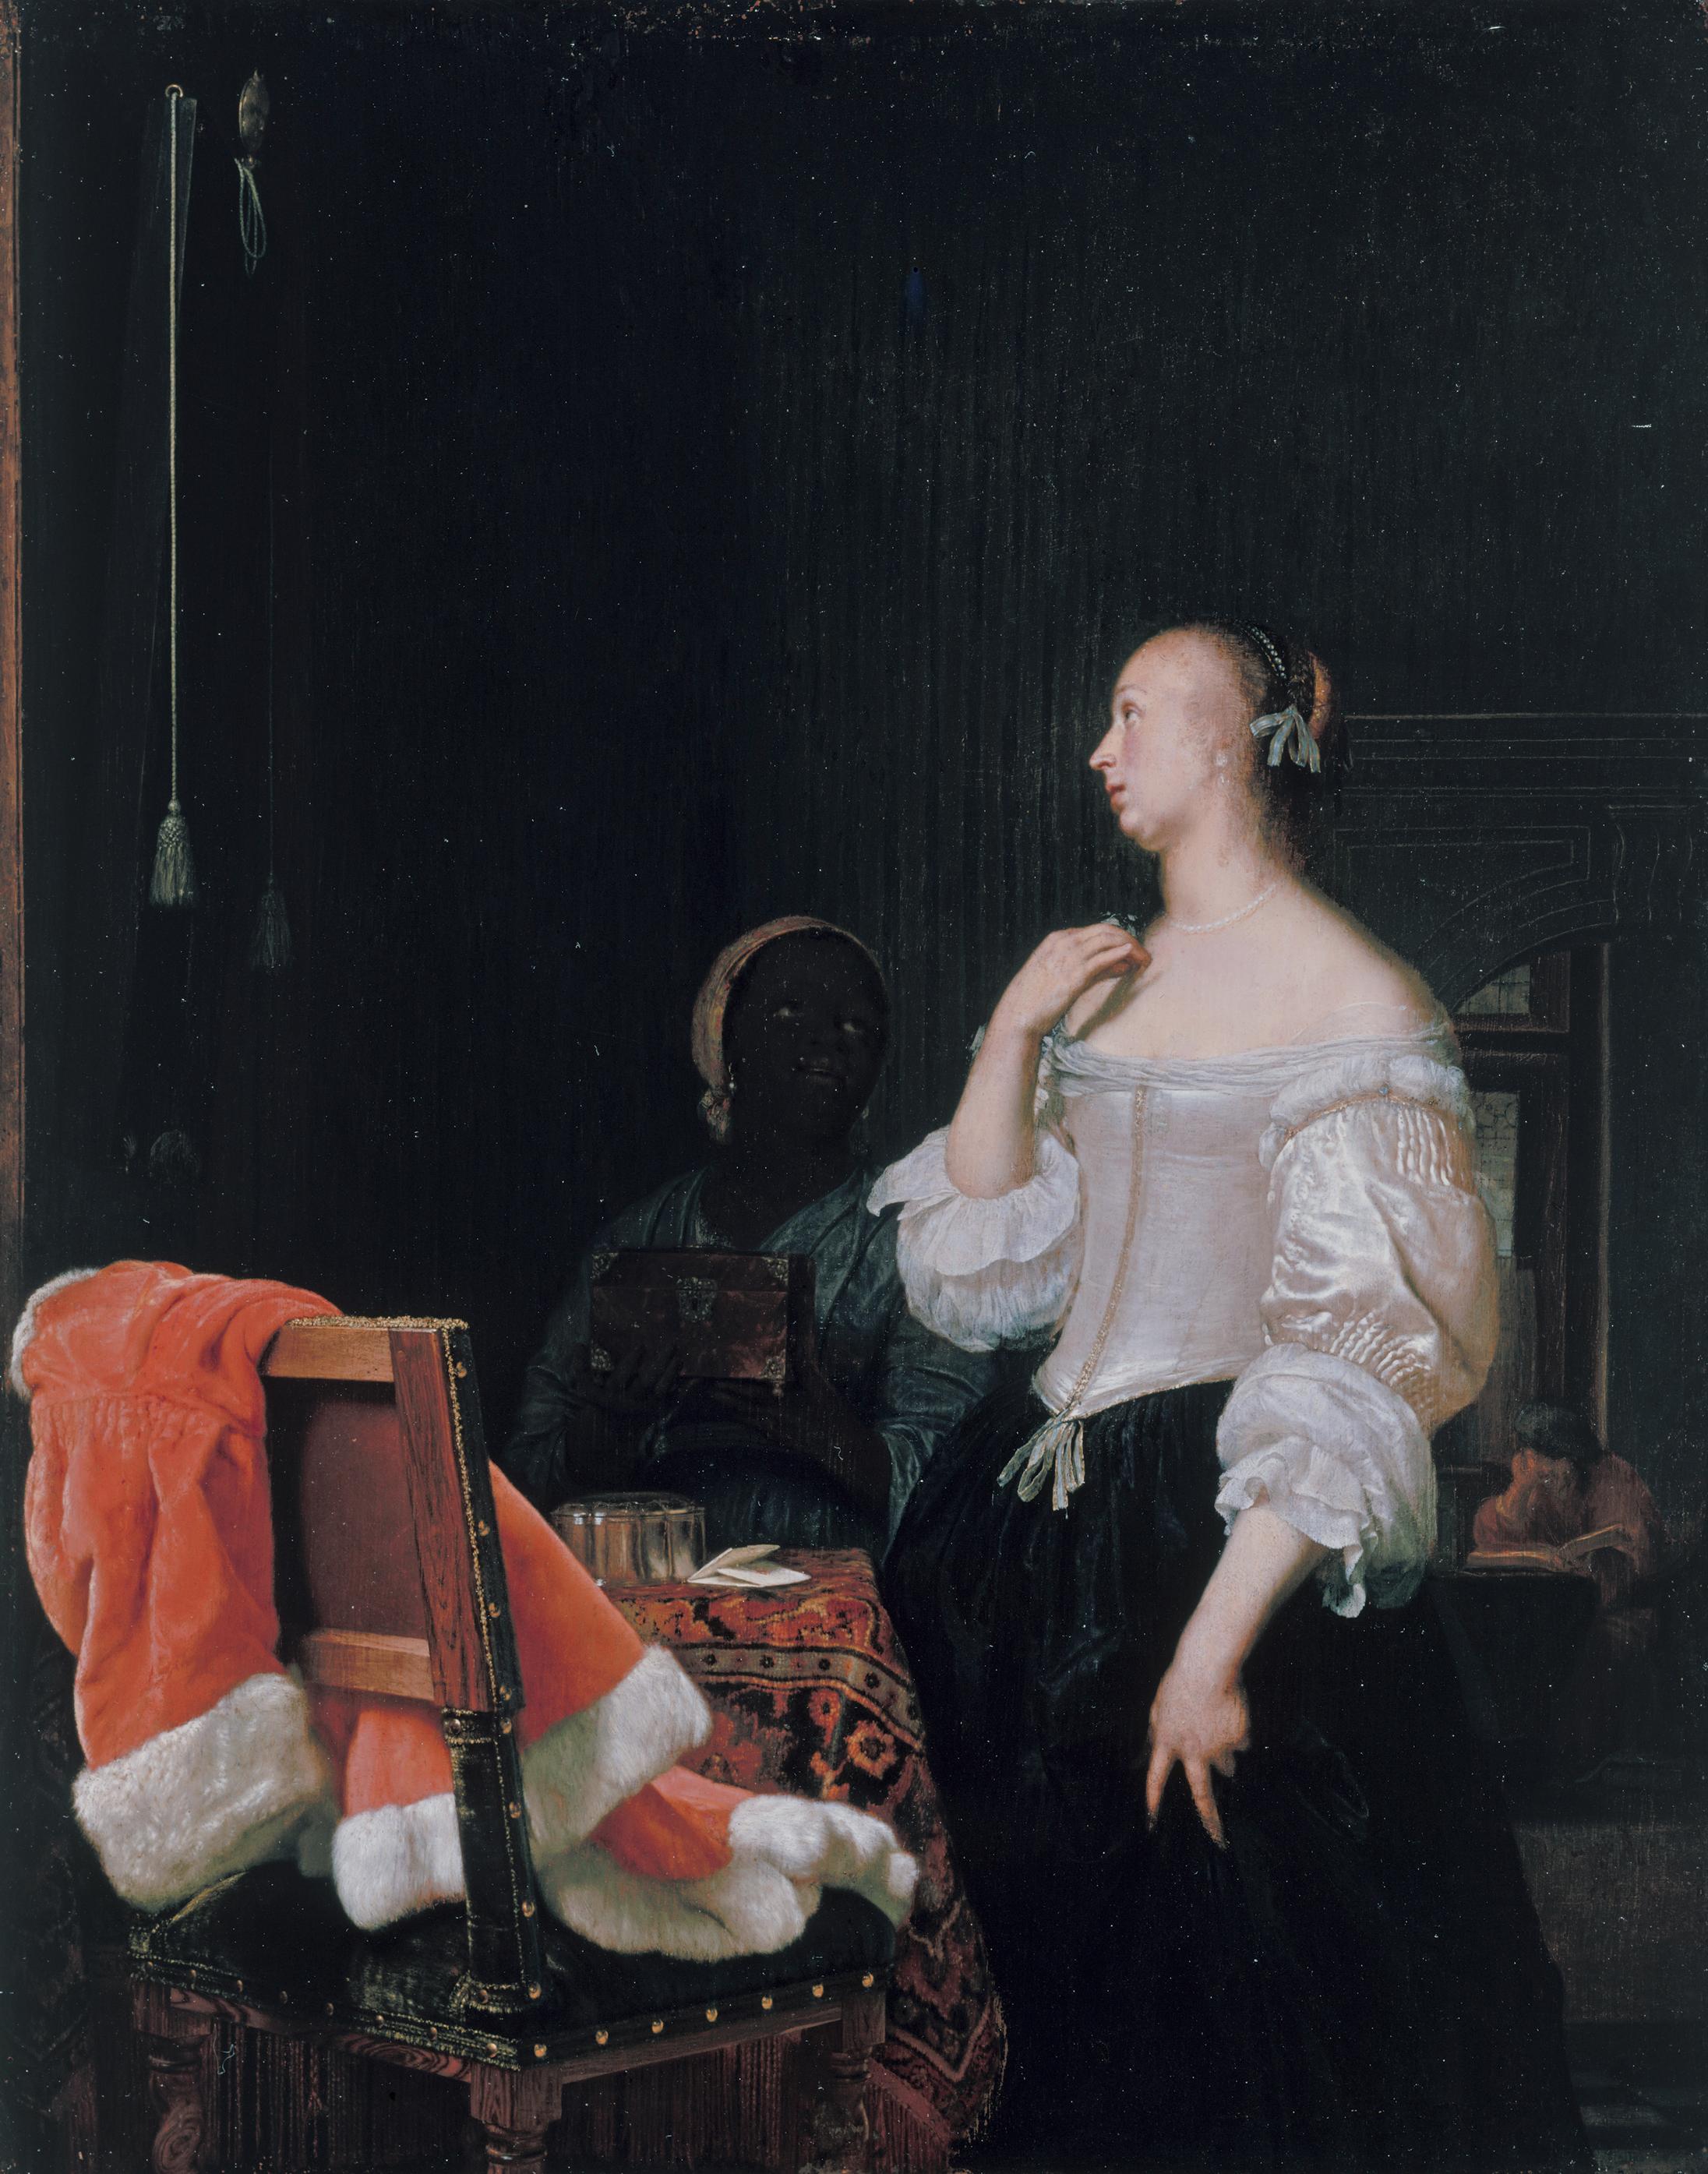 Excepcional exposición sobre Vermeer y la pintura de género ...